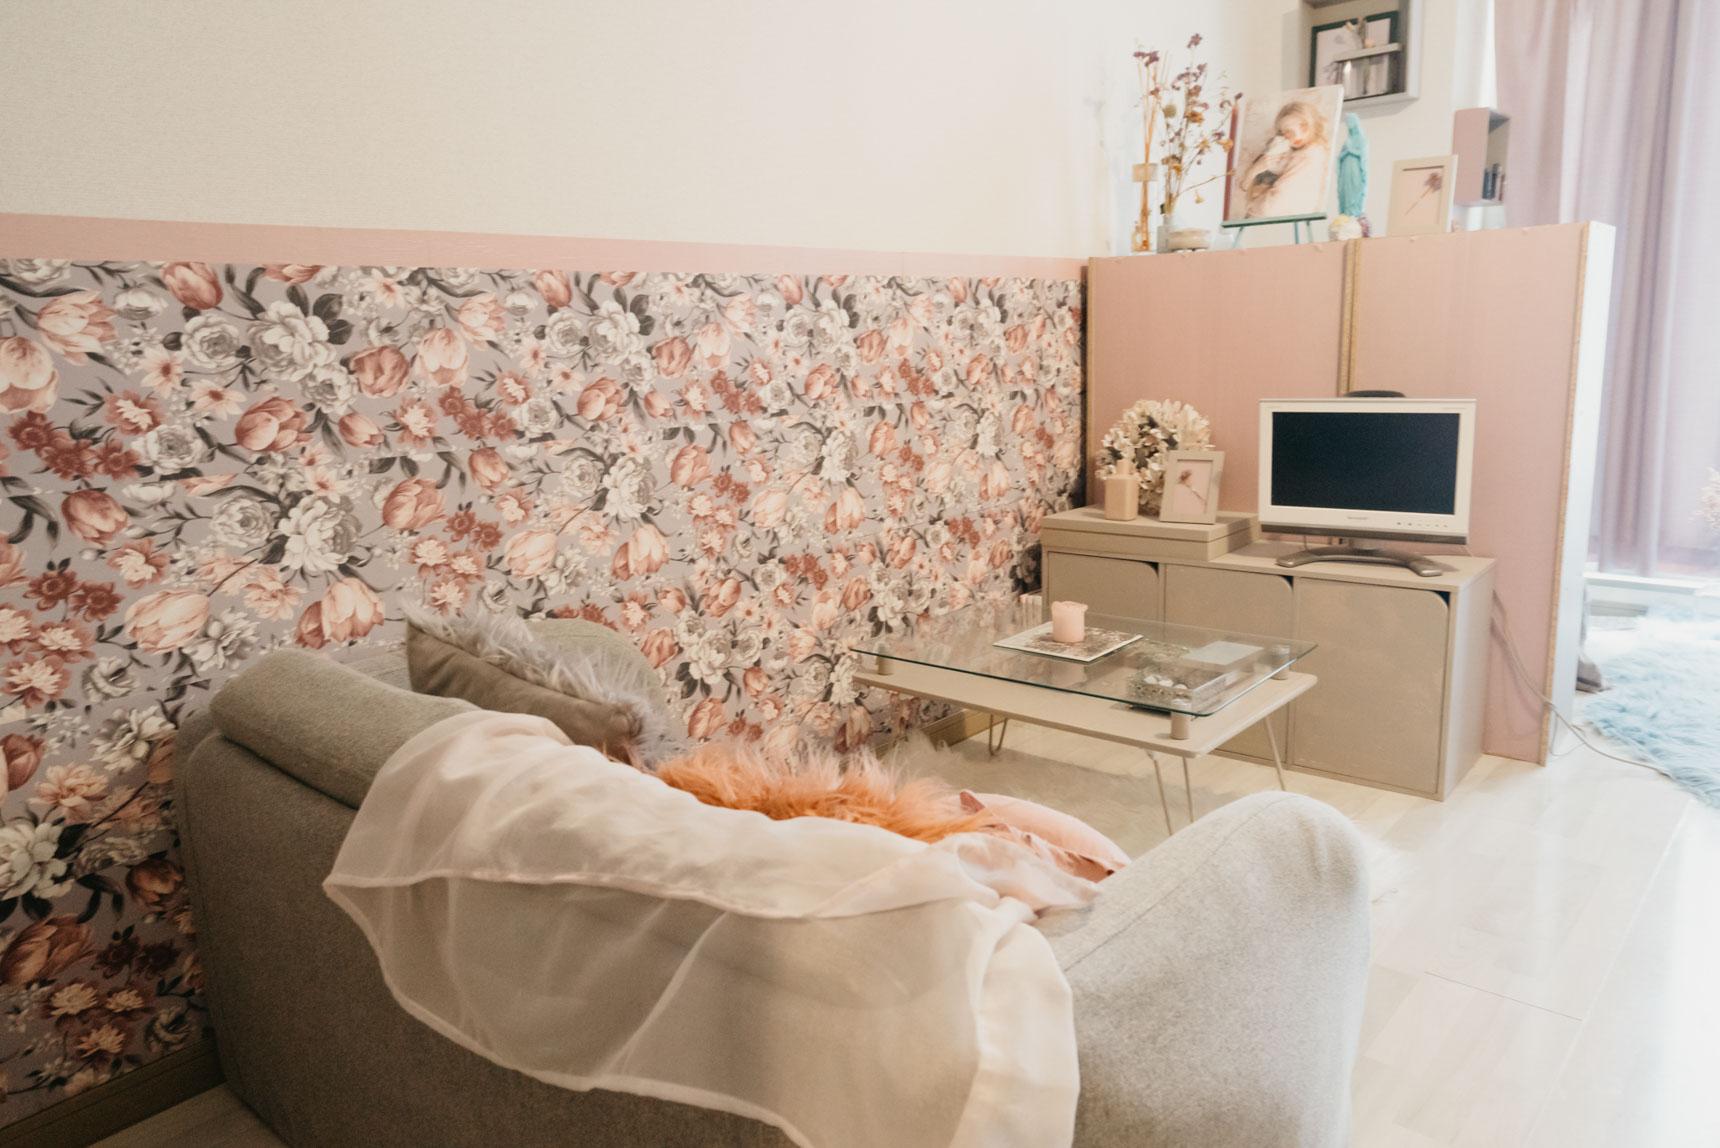 一番落ち着きたいソファ席の周りの壁下半分だけを、自分の好きな柄に変更した方の事例。好きな柄物を取り入れるだけで、お部屋への愛着度が変わりそうですね。(このお部屋はこちら)